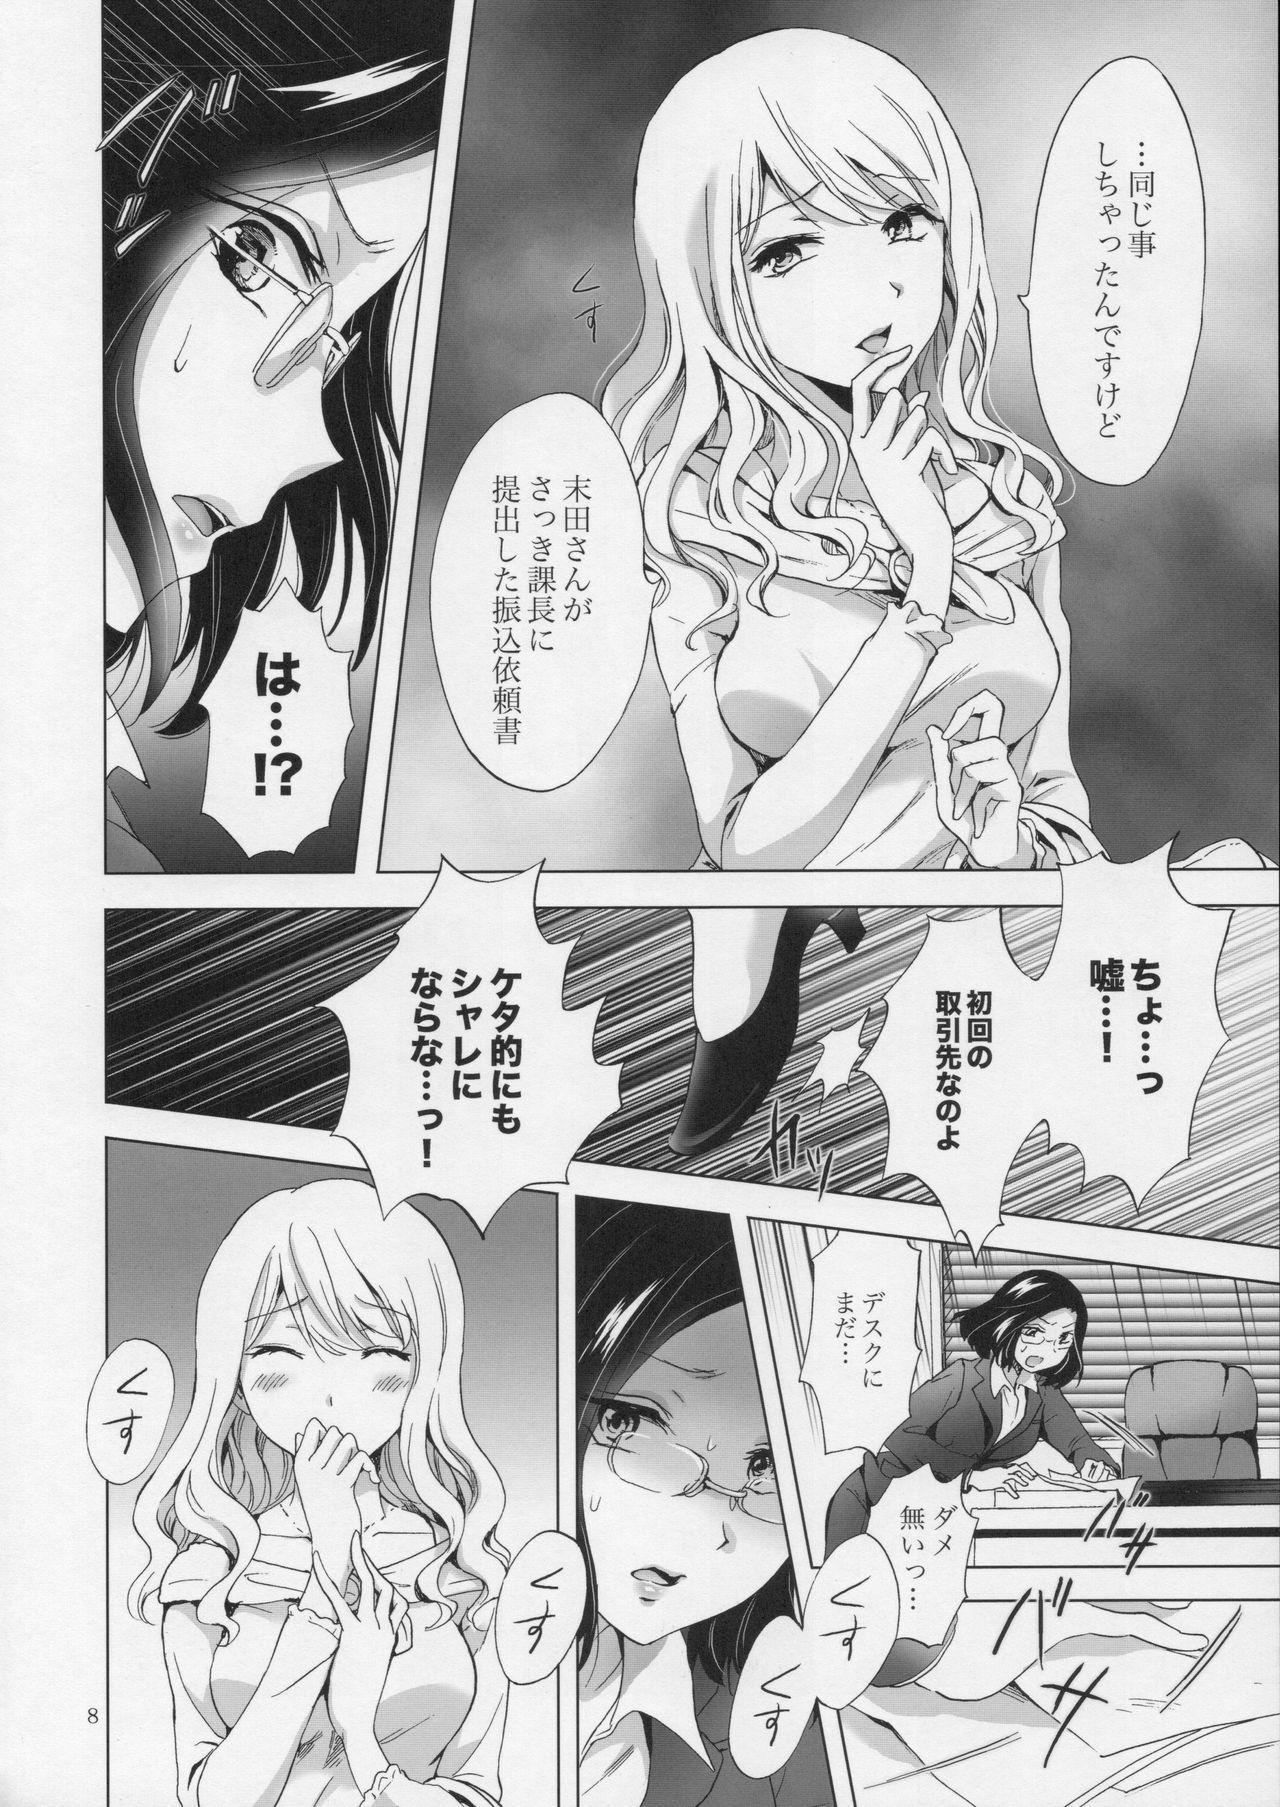 Yurufuwa Joshi ni Kiwotsukete 6